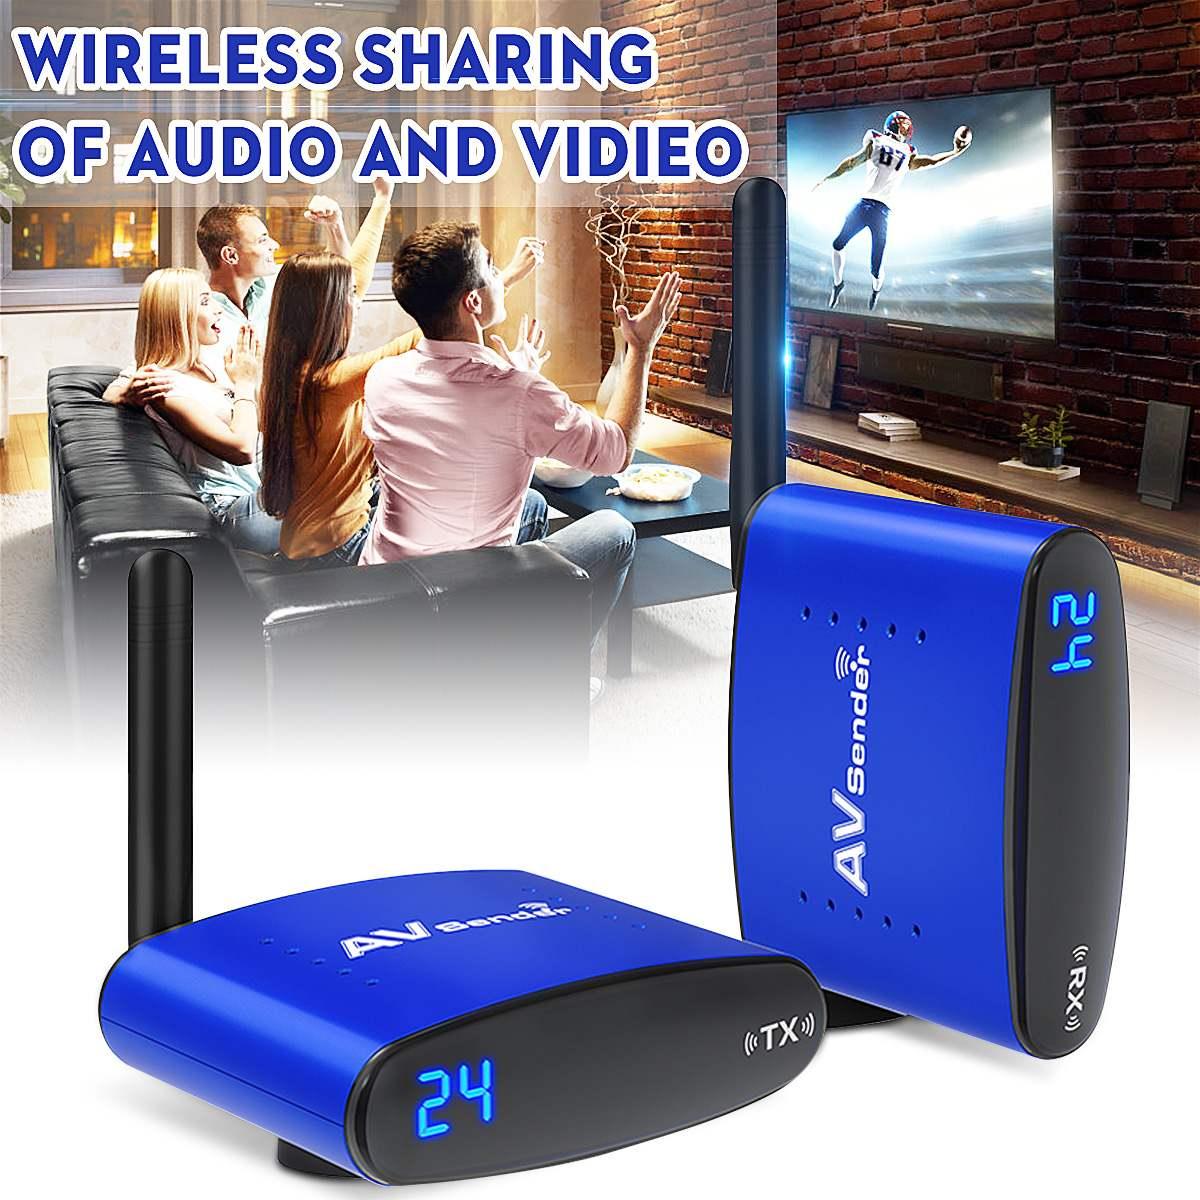 100-240 V 5.8 GHz sans fil 24CH IR émetteur AV à distance récepteur émetteur Audio vidéo 150 M prend en charge 4 groupes de canaux